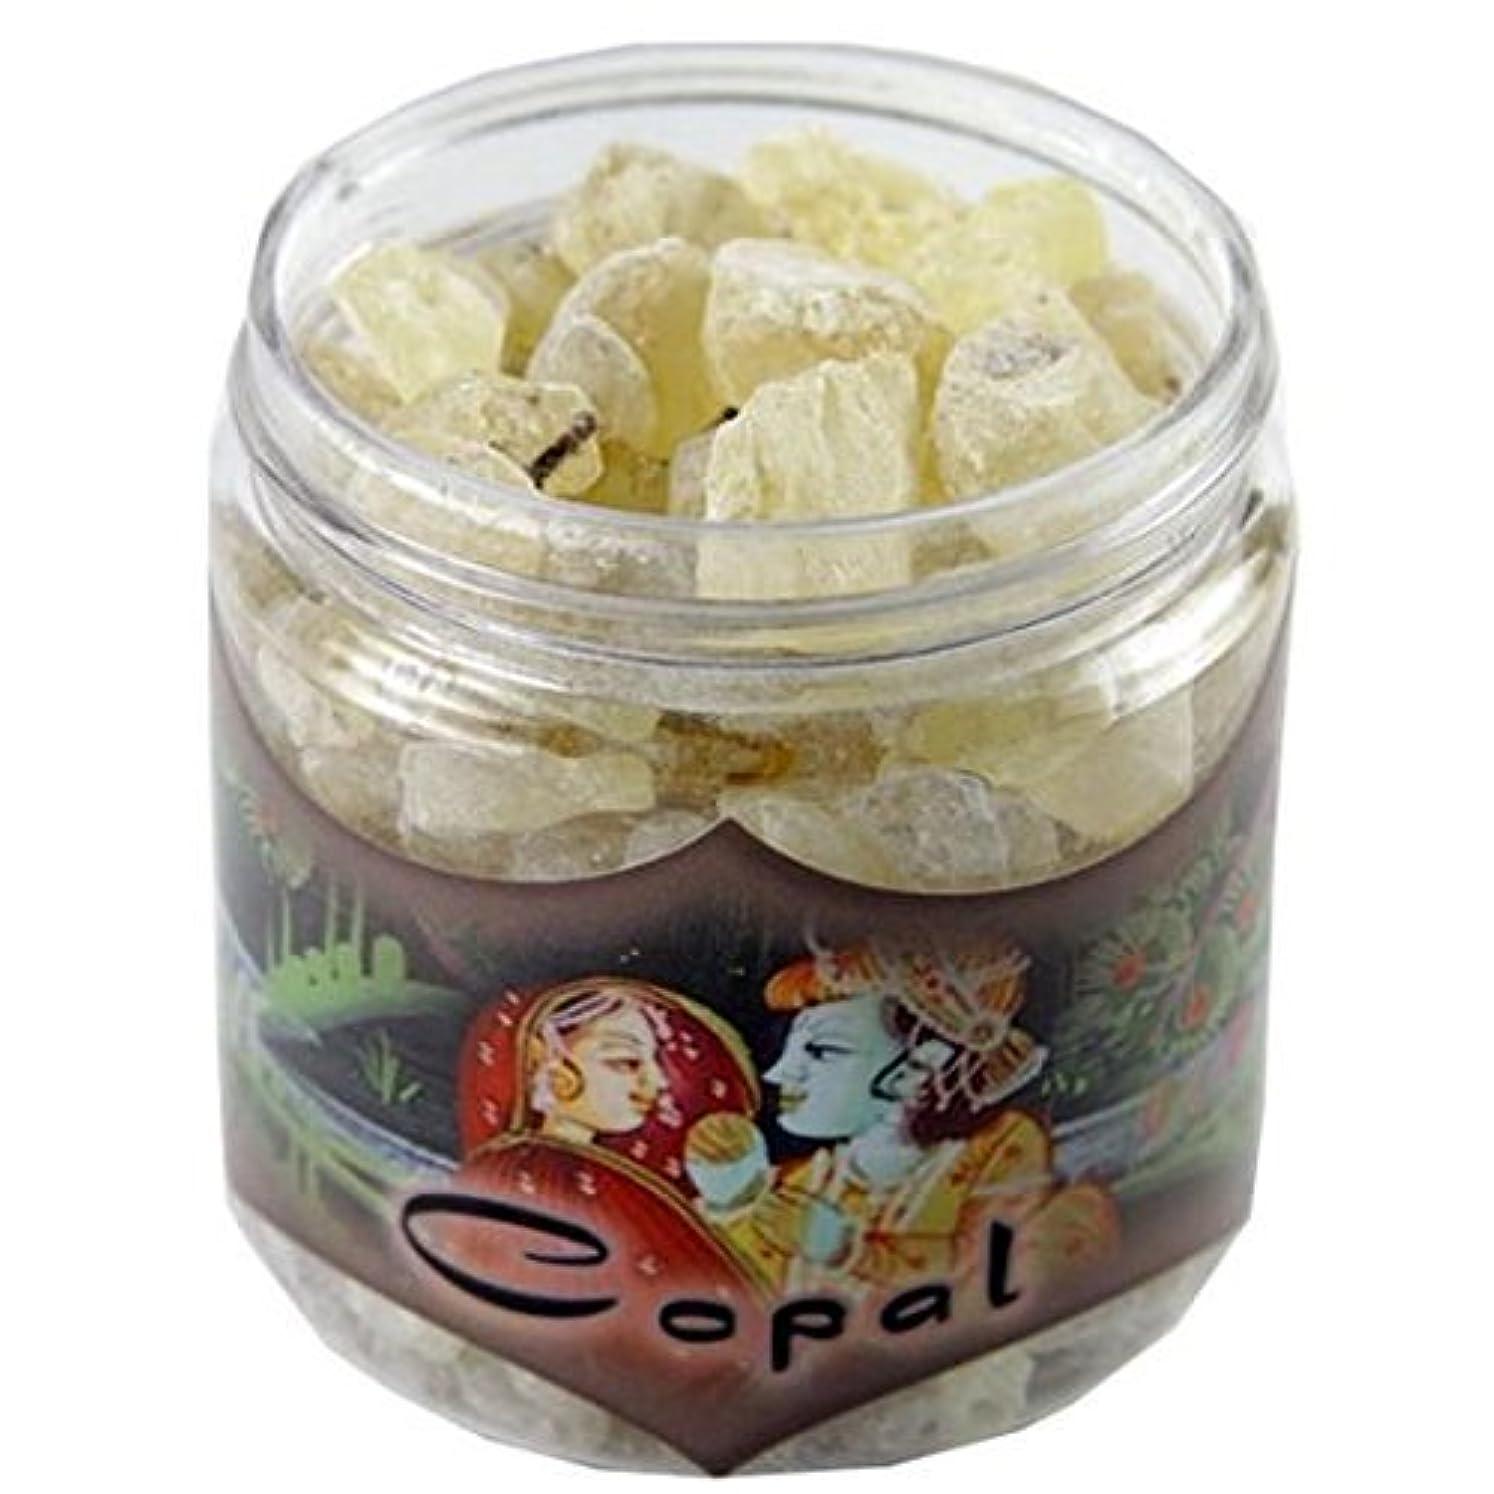 思春期のスワップネコResin Incense Copal - 2.4oz jar [並行輸入品]